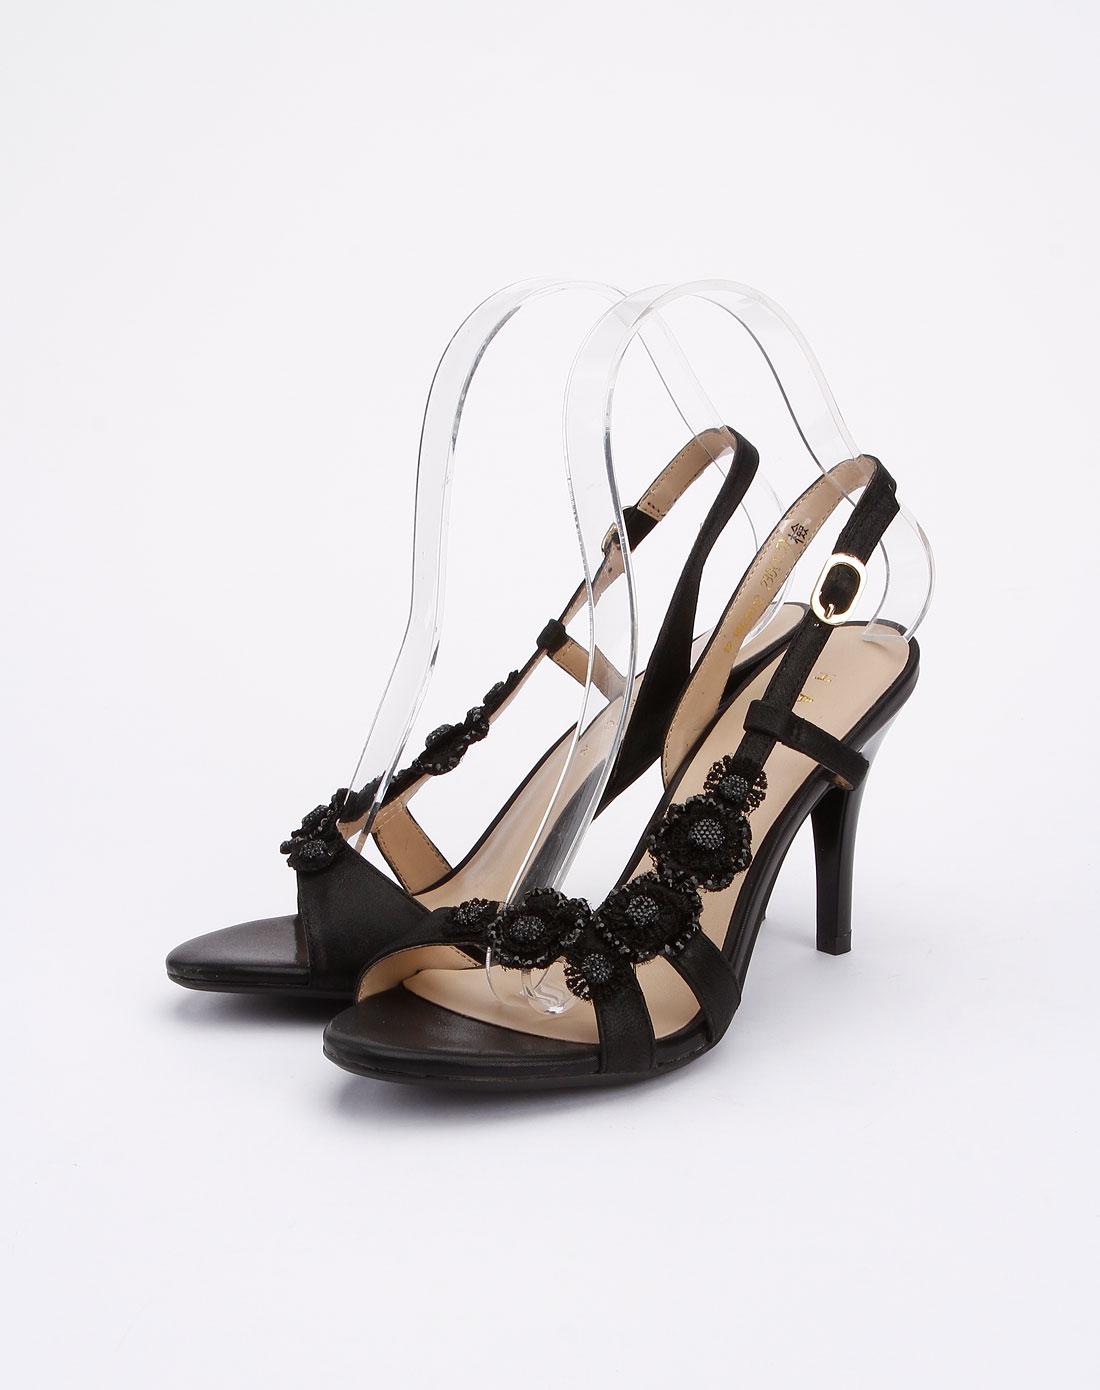 哈森harson女鞋专场-黑色时尚简约高跟凉鞋